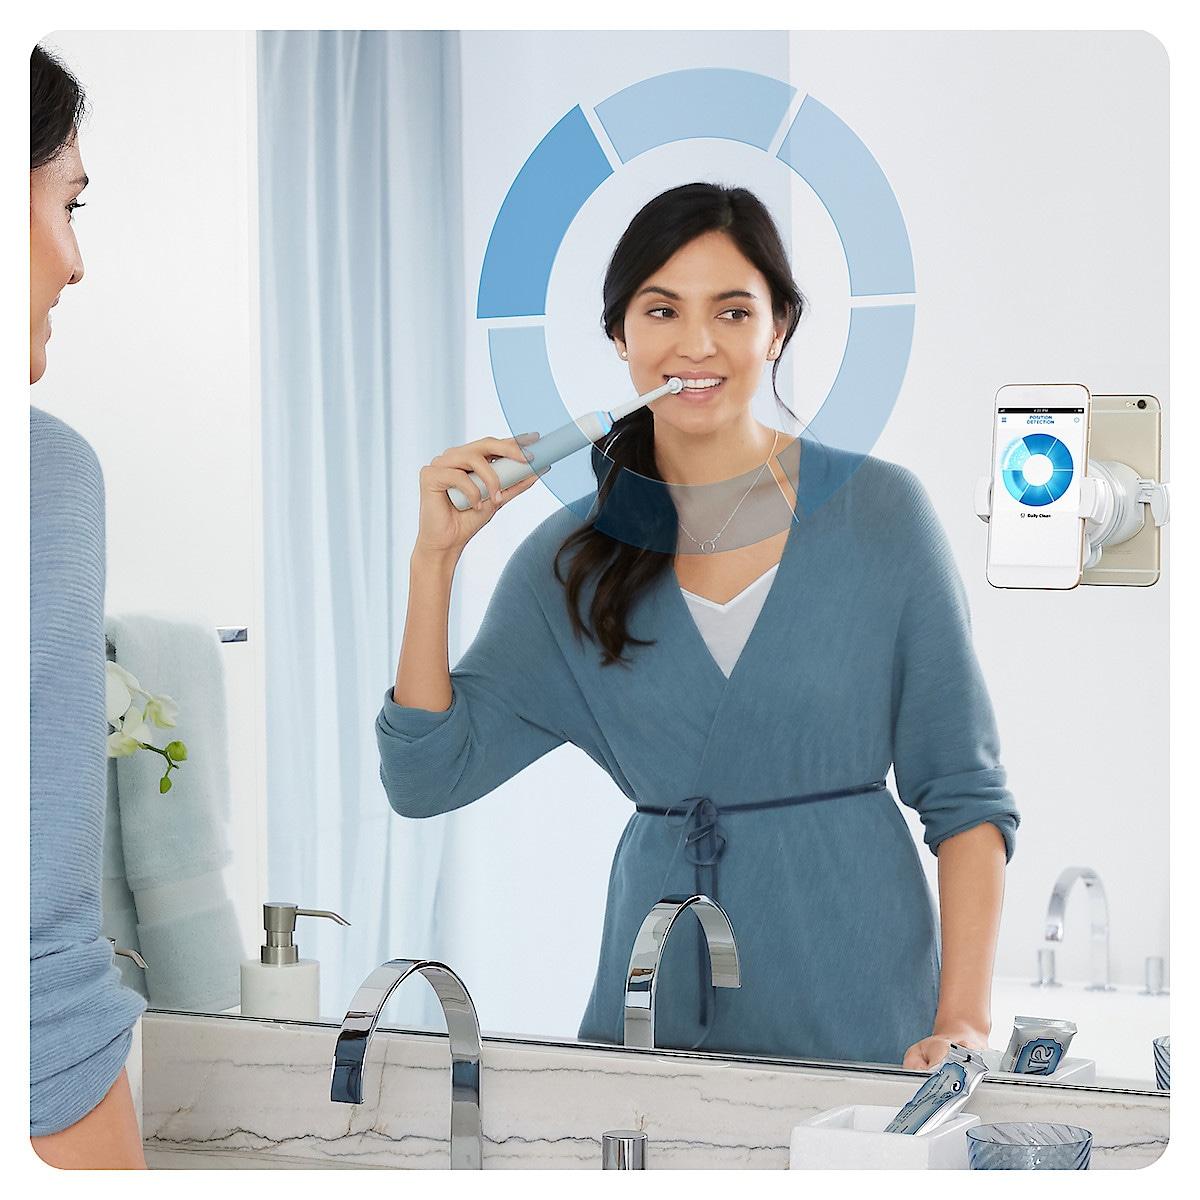 Oral-B Genius 8200W Silver, eltannbørste